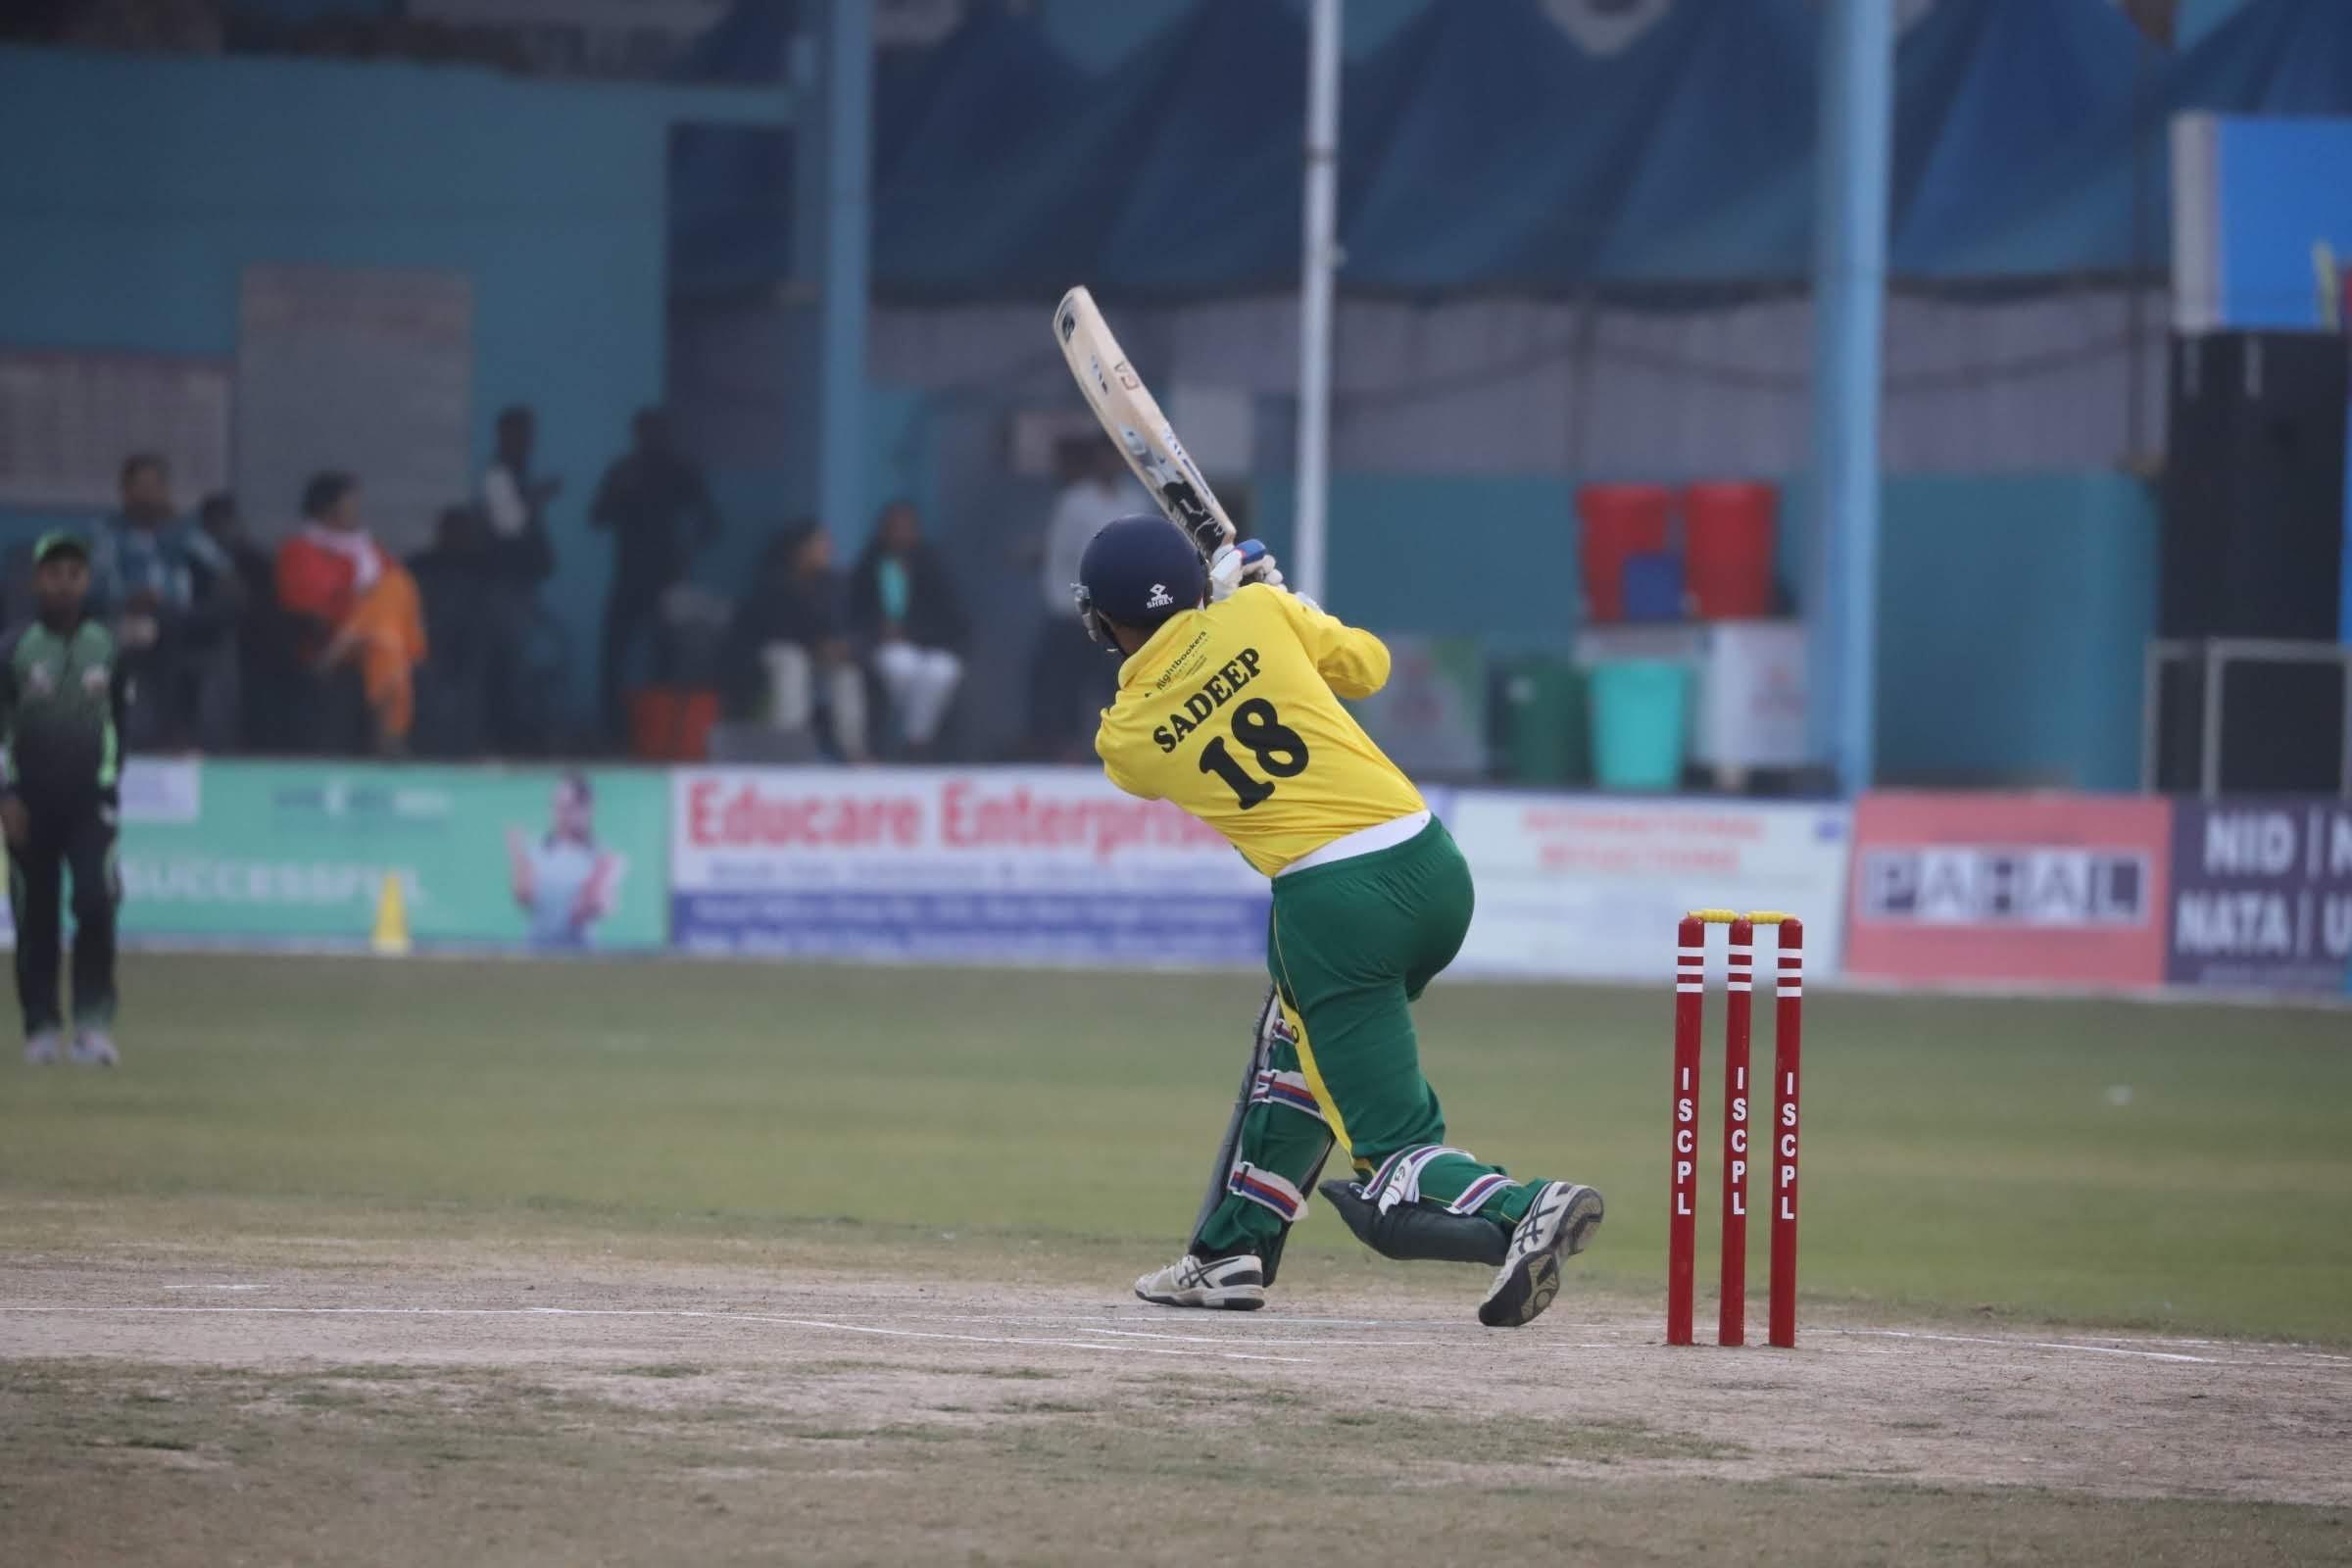 Sadeep Deepak